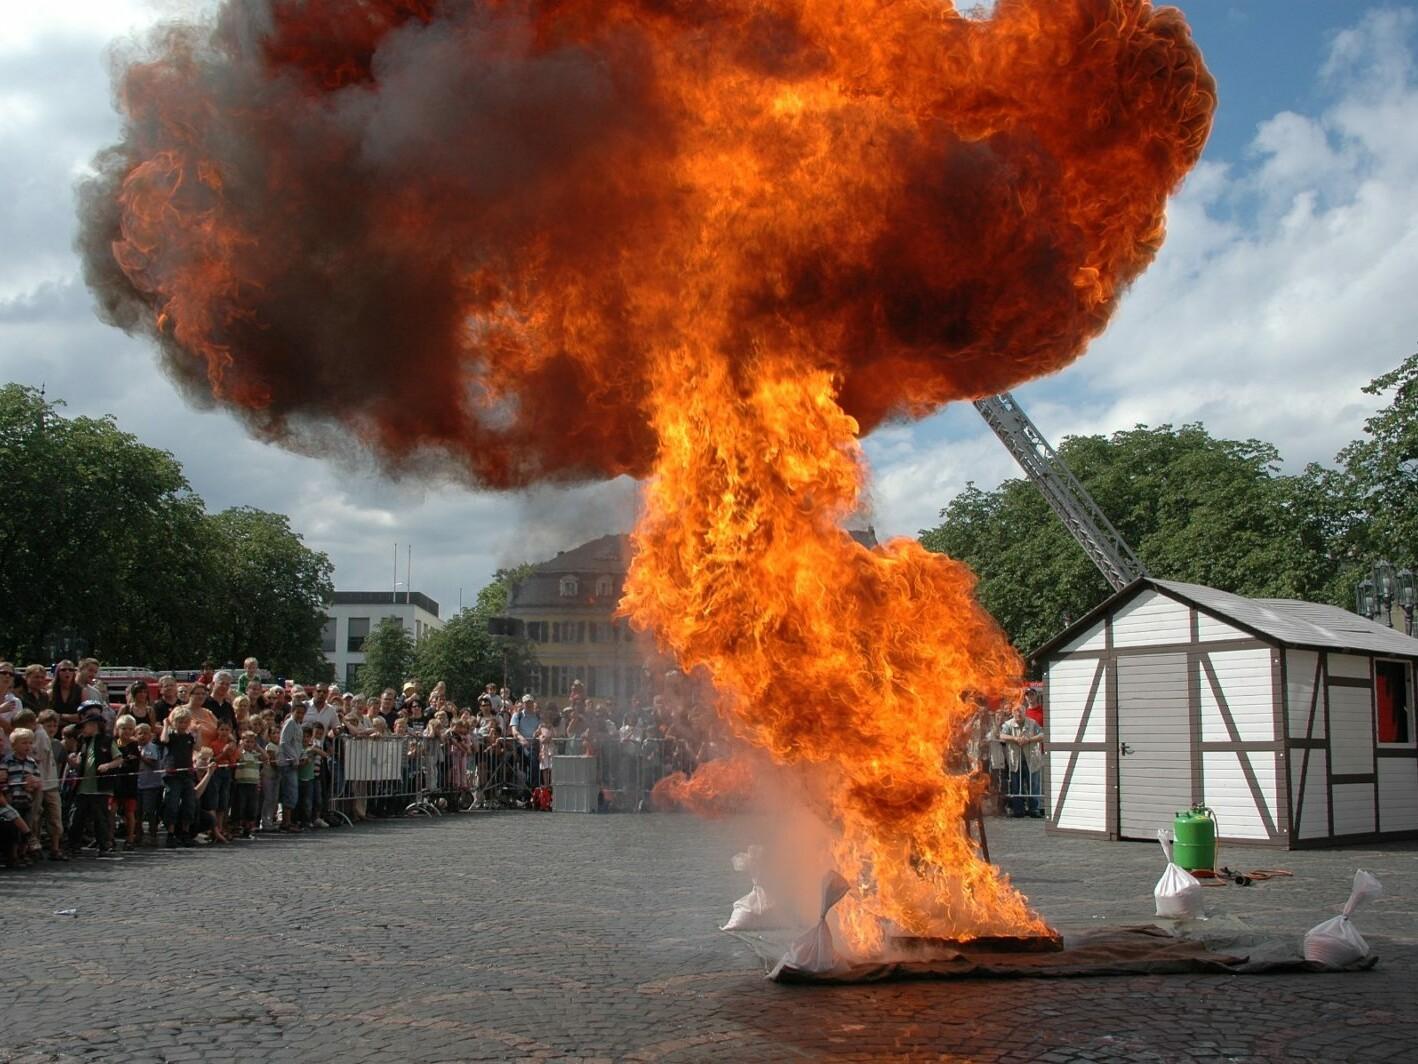 tdfw_135a_Demonstration einer Fettexplosion im Rahmen des_Tags der Feuerwehr_in Bonn_Foto_Sascha Muertz